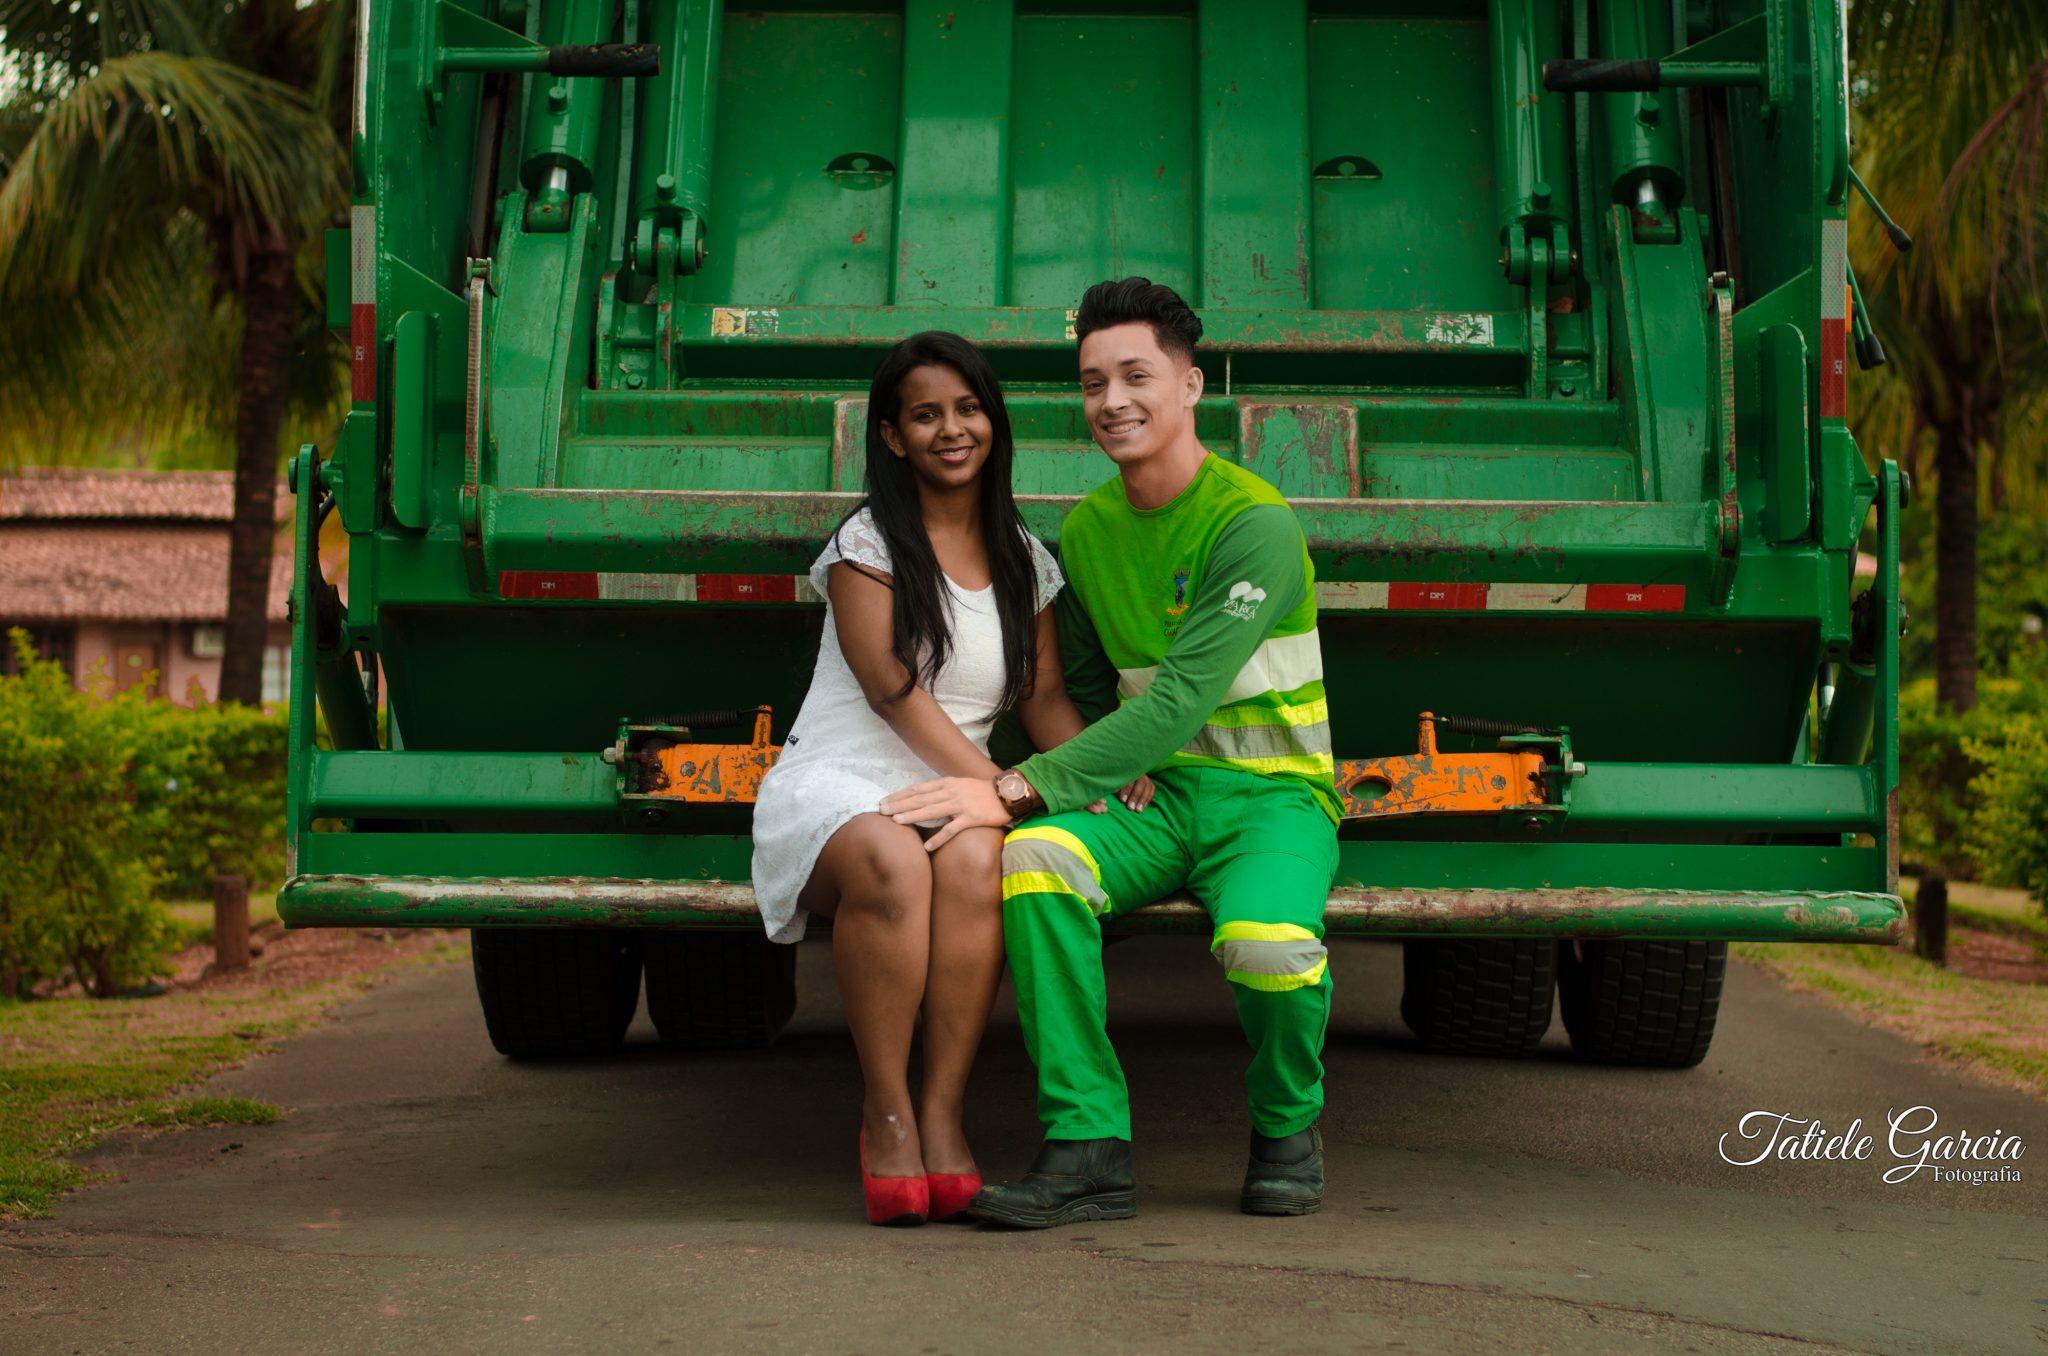 coletor de lixo e noiva ensaio pré-casamento sentados caminhão de lixo